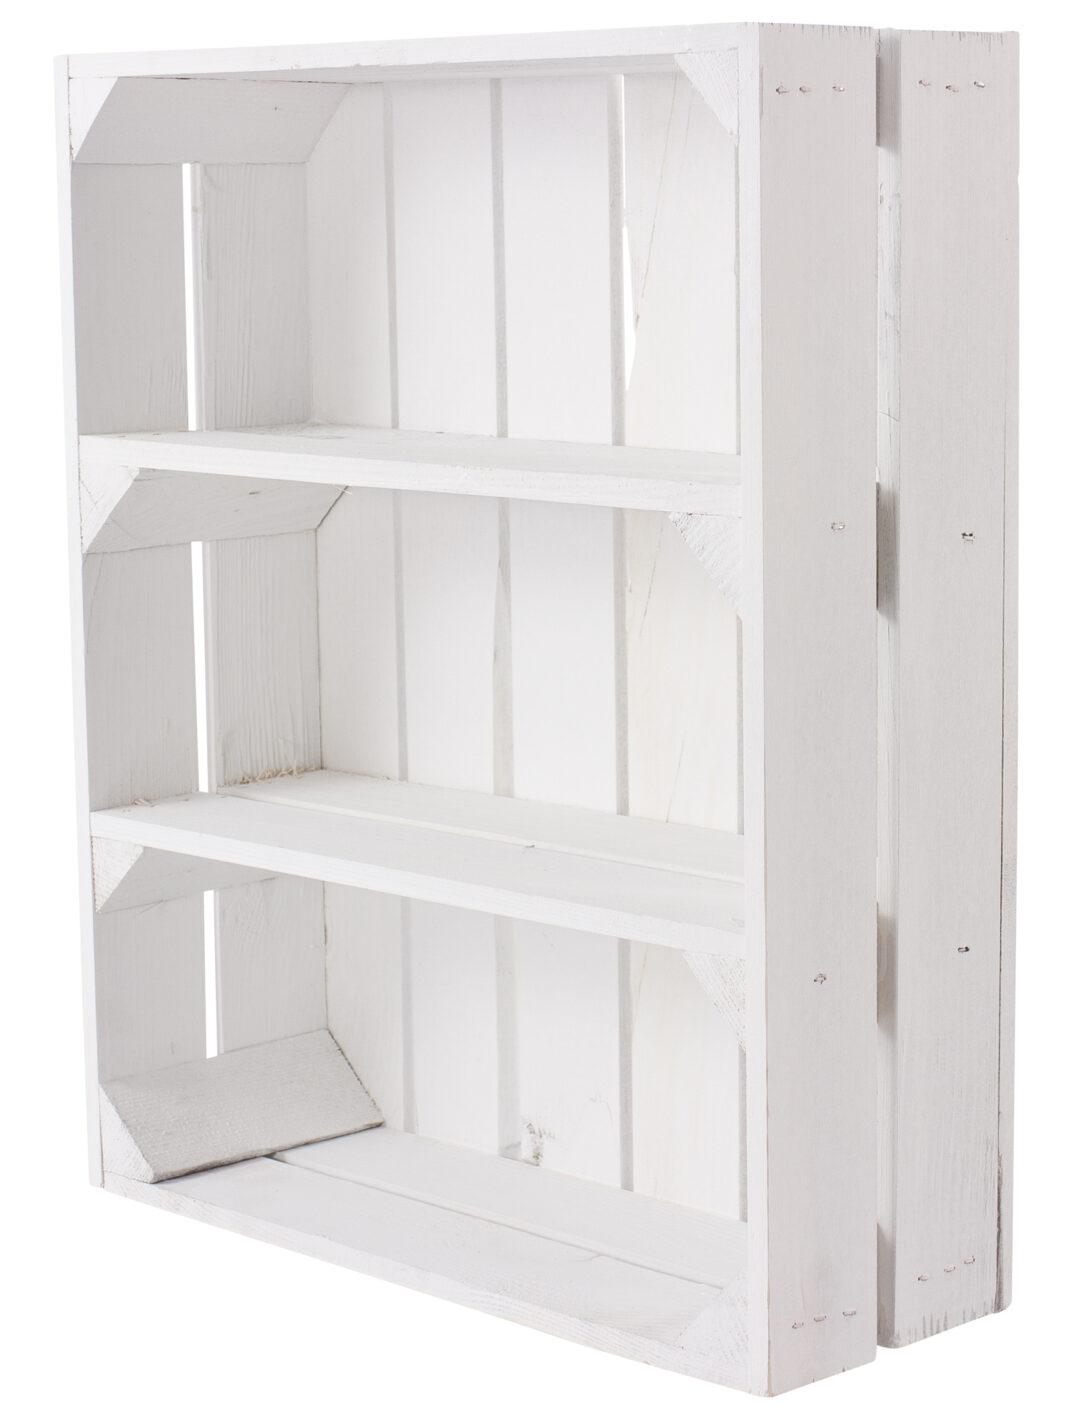 Large Size of Deko Sideboard Unsortiert Holzkiste Wei Schmales Regal Mit 2 Mittelbrettern Wohnzimmer Schlafzimmer Küche Arbeitsplatte Dekoration Wanddeko Für Badezimmer Wohnzimmer Deko Sideboard